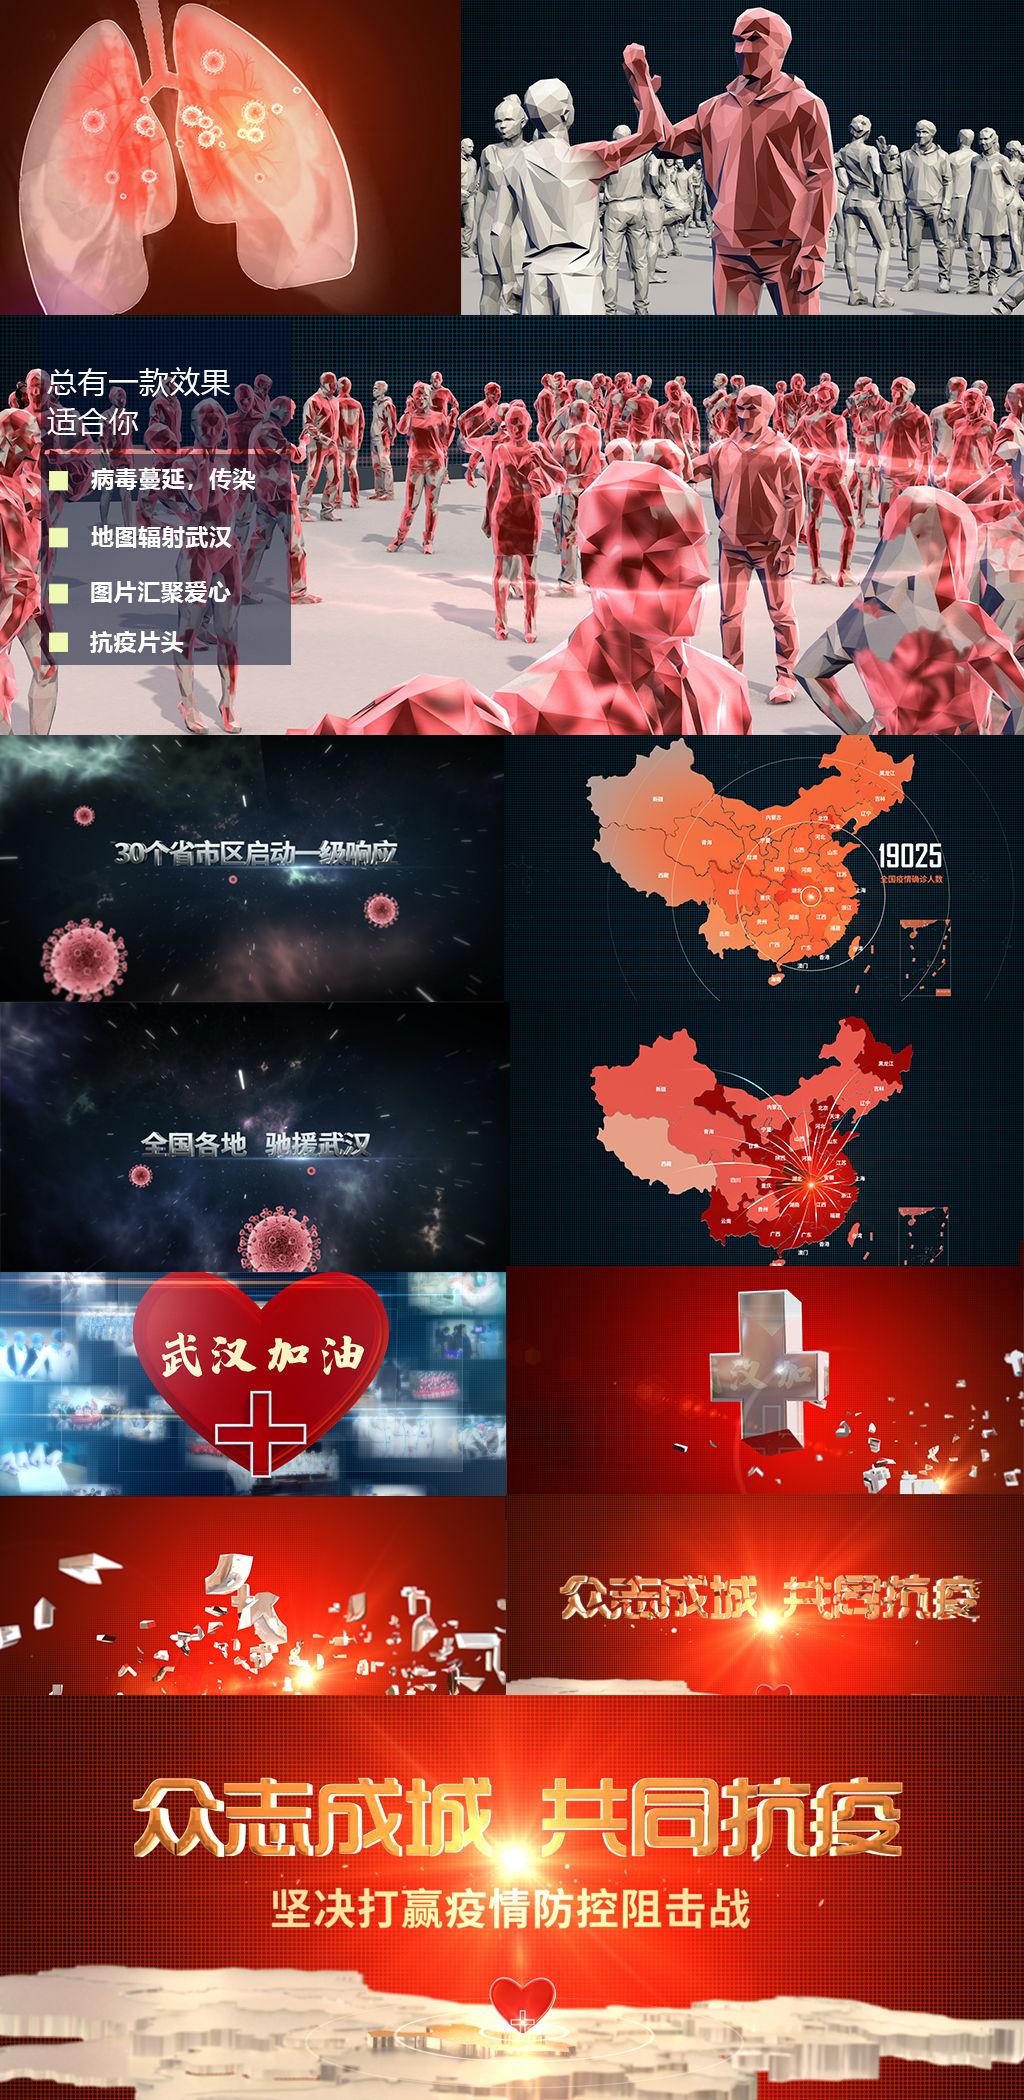 最新新型冠状病毒蔓延全国视频素材